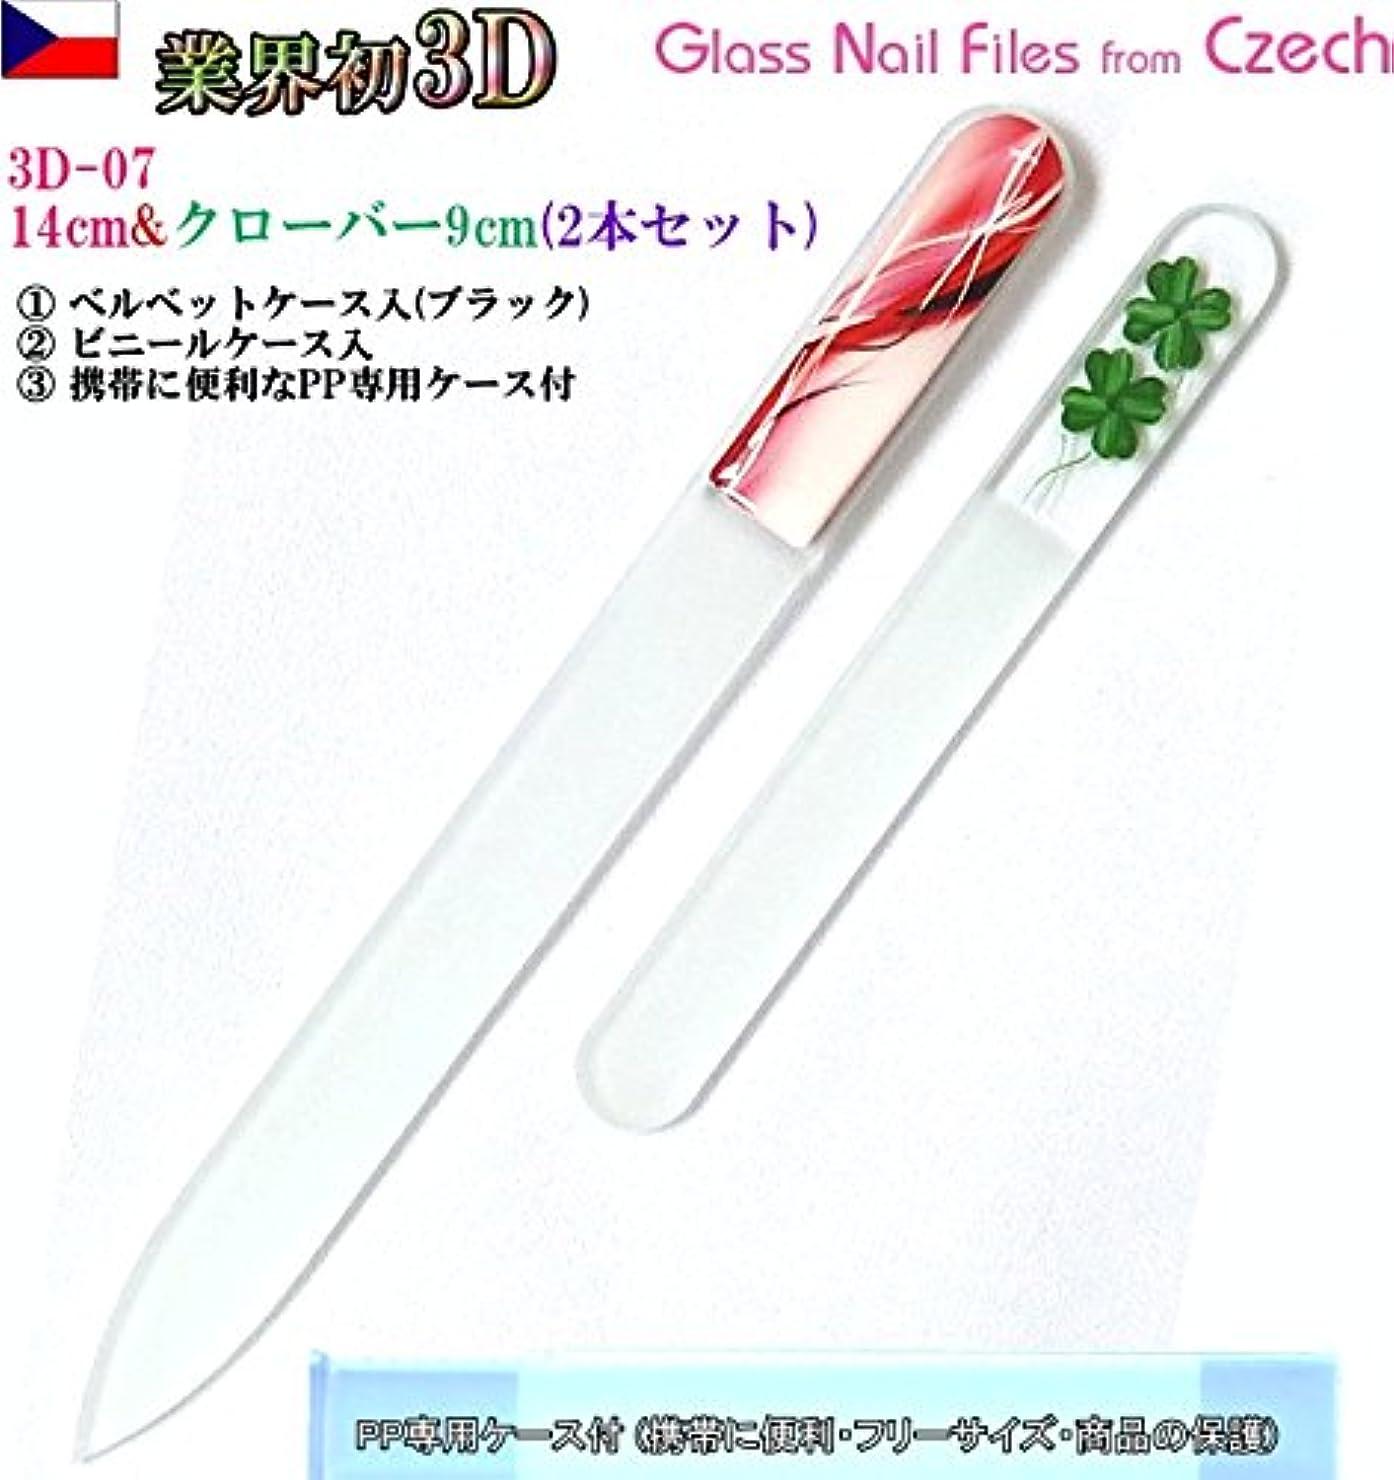 完全に乾くゆでる収入BISON 3D チェコ製ガラス爪ヤスリ 2Pセット M07&Sクローバー各両面仕上げ ?専用ケース付